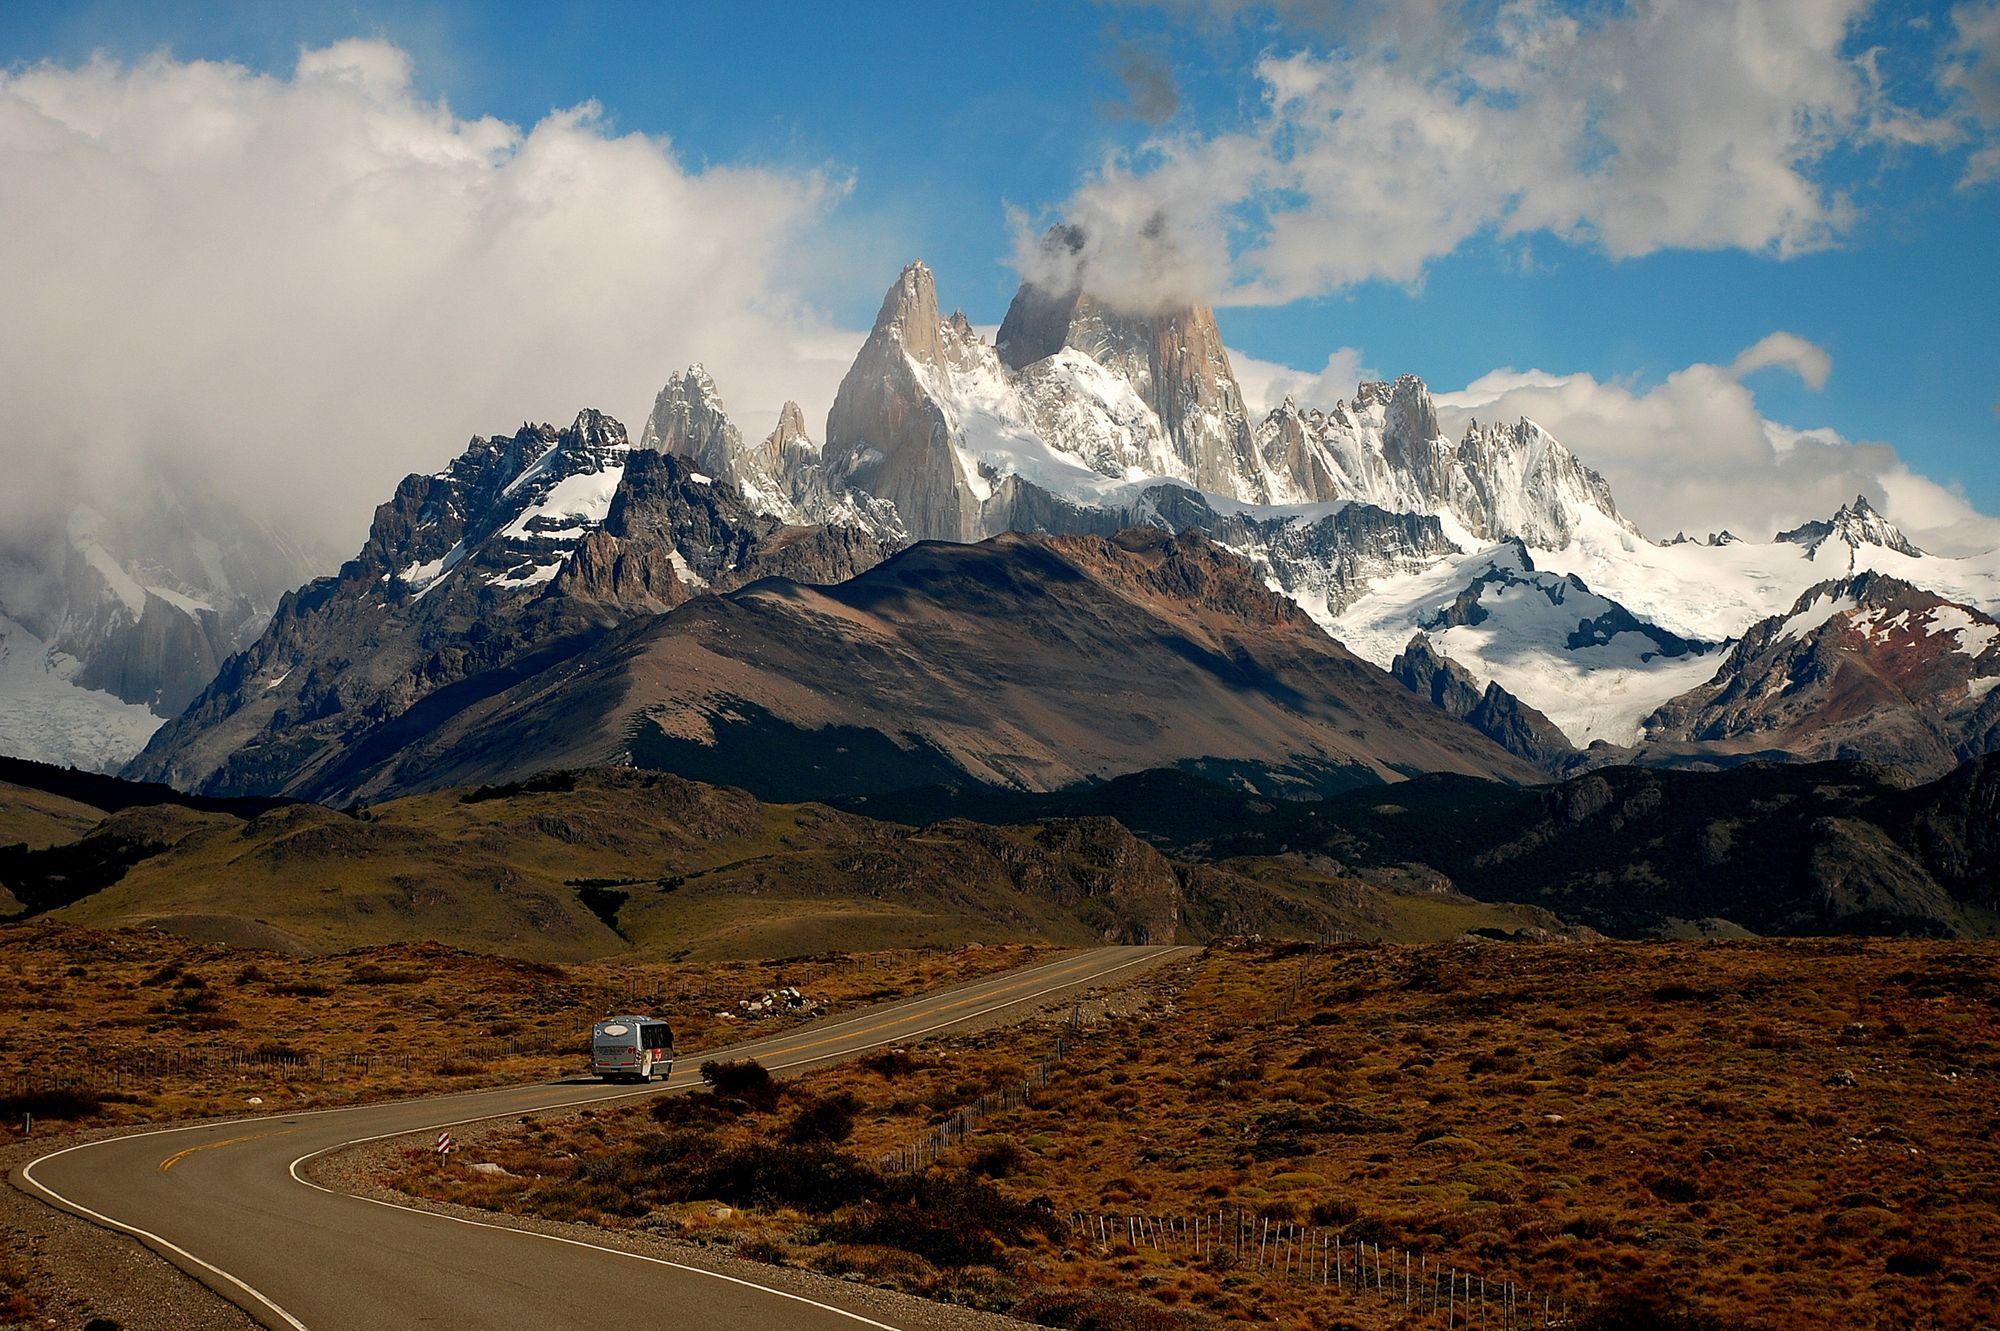 Visiting Patagonia